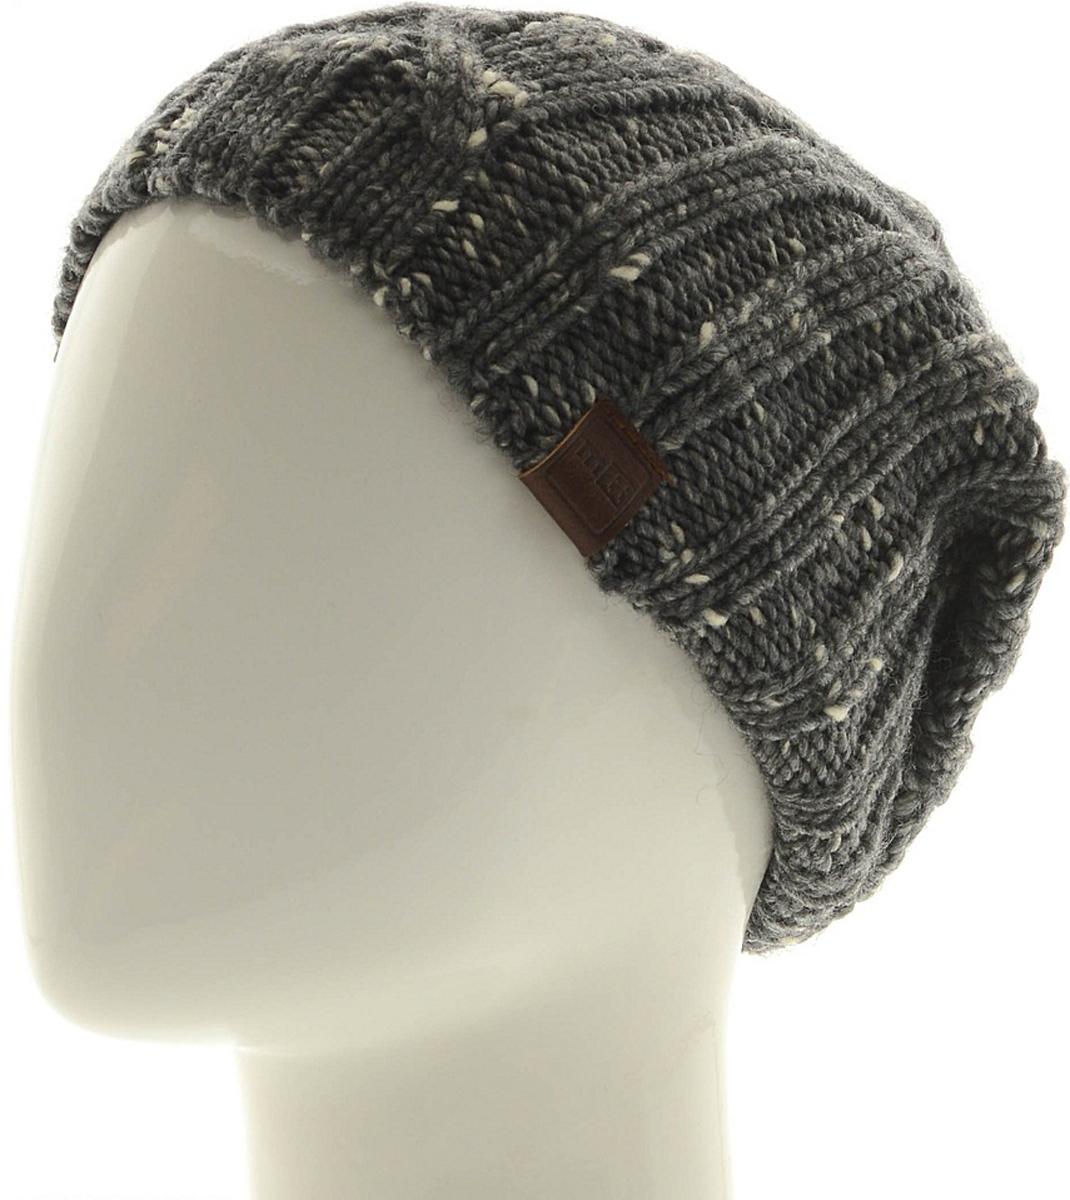 Шапка мужская Marhatter, цвет: темно-серый. Размер 57/59. MMH7068/2MMH7068/2Отличная вязаная шапка в стиле сasual. Модель прекрасно подойдет активным молодым людям, ценящим комфорт и удобство. Идеальный вариант на каждый день.